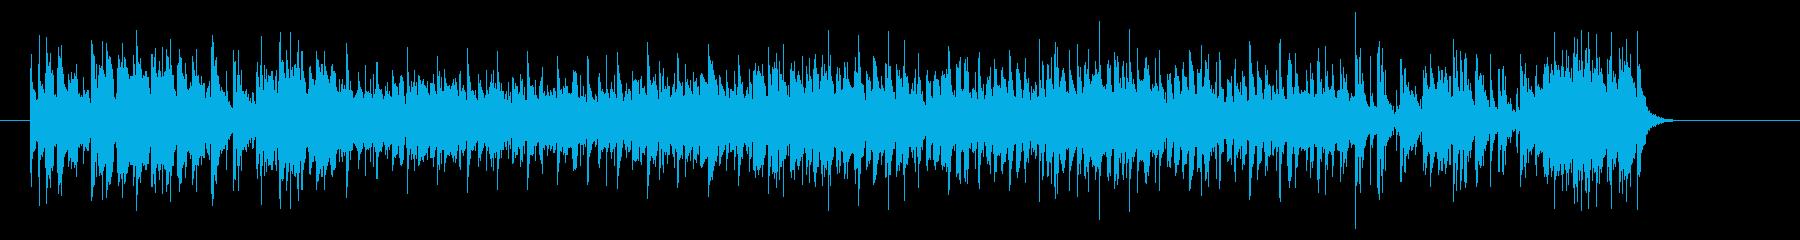 オールマイティーなオープニング・テーマの再生済みの波形